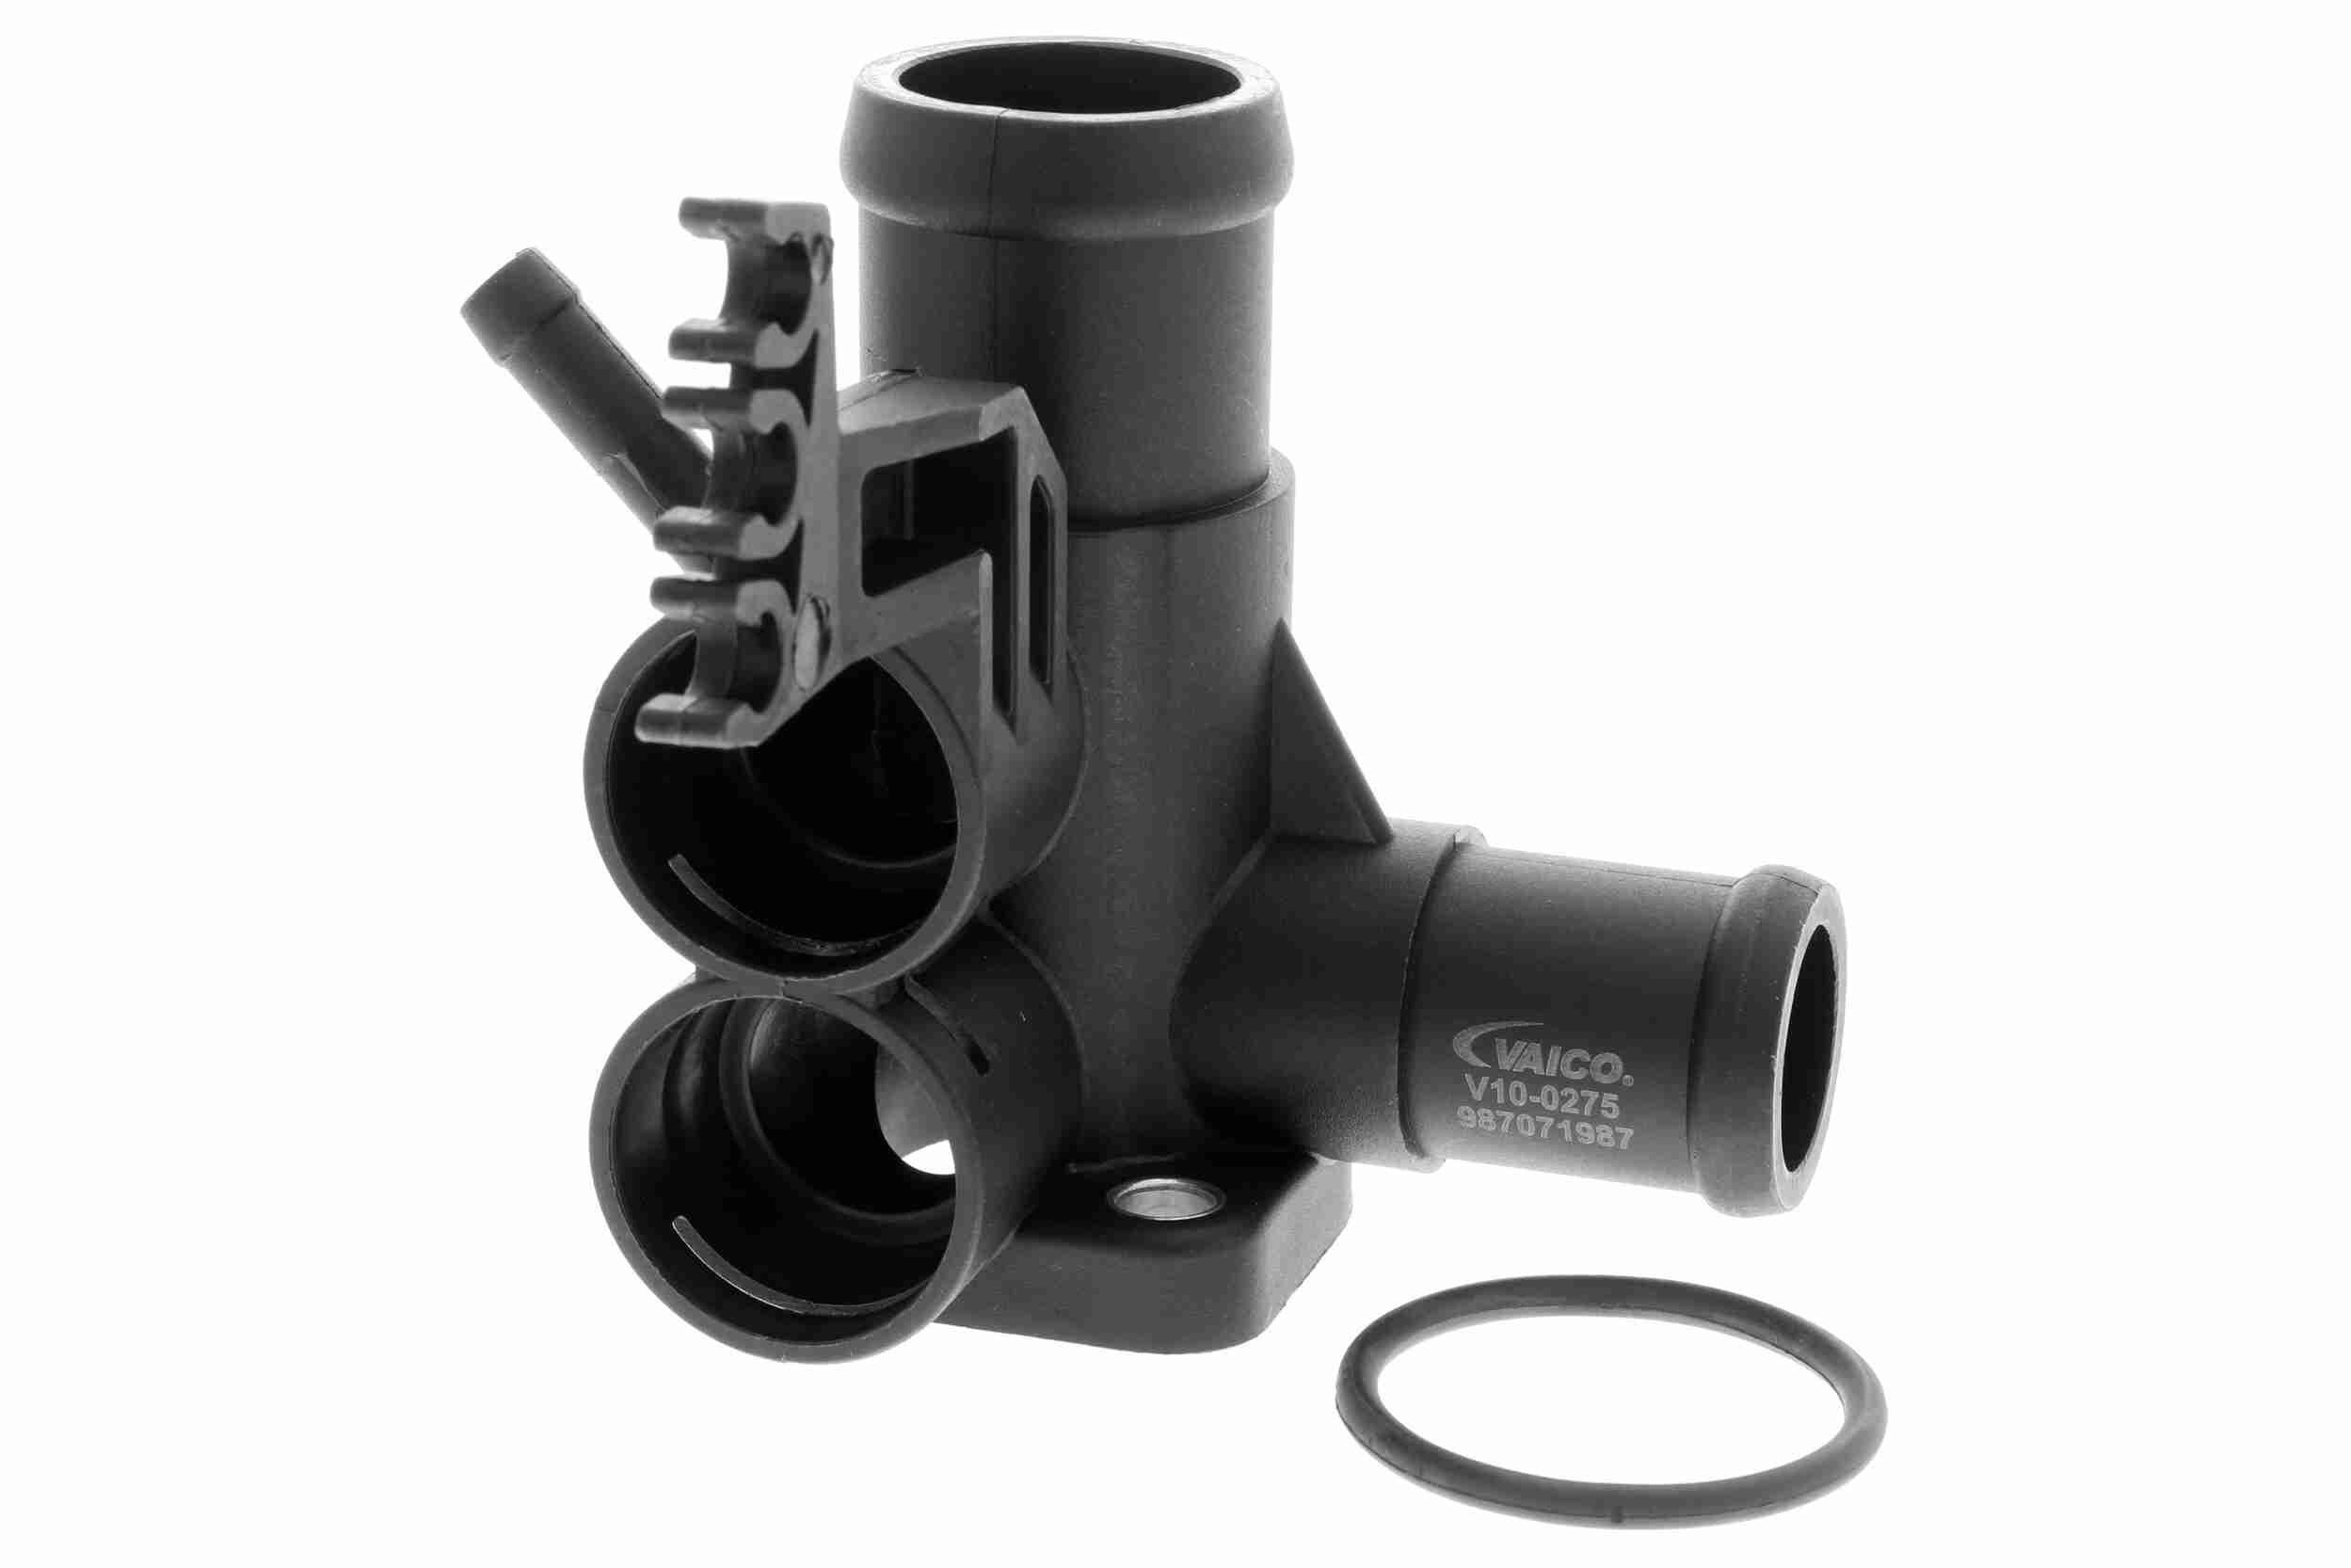 Flansch V10-0275 VAICO V10-0275 in Original Qualität